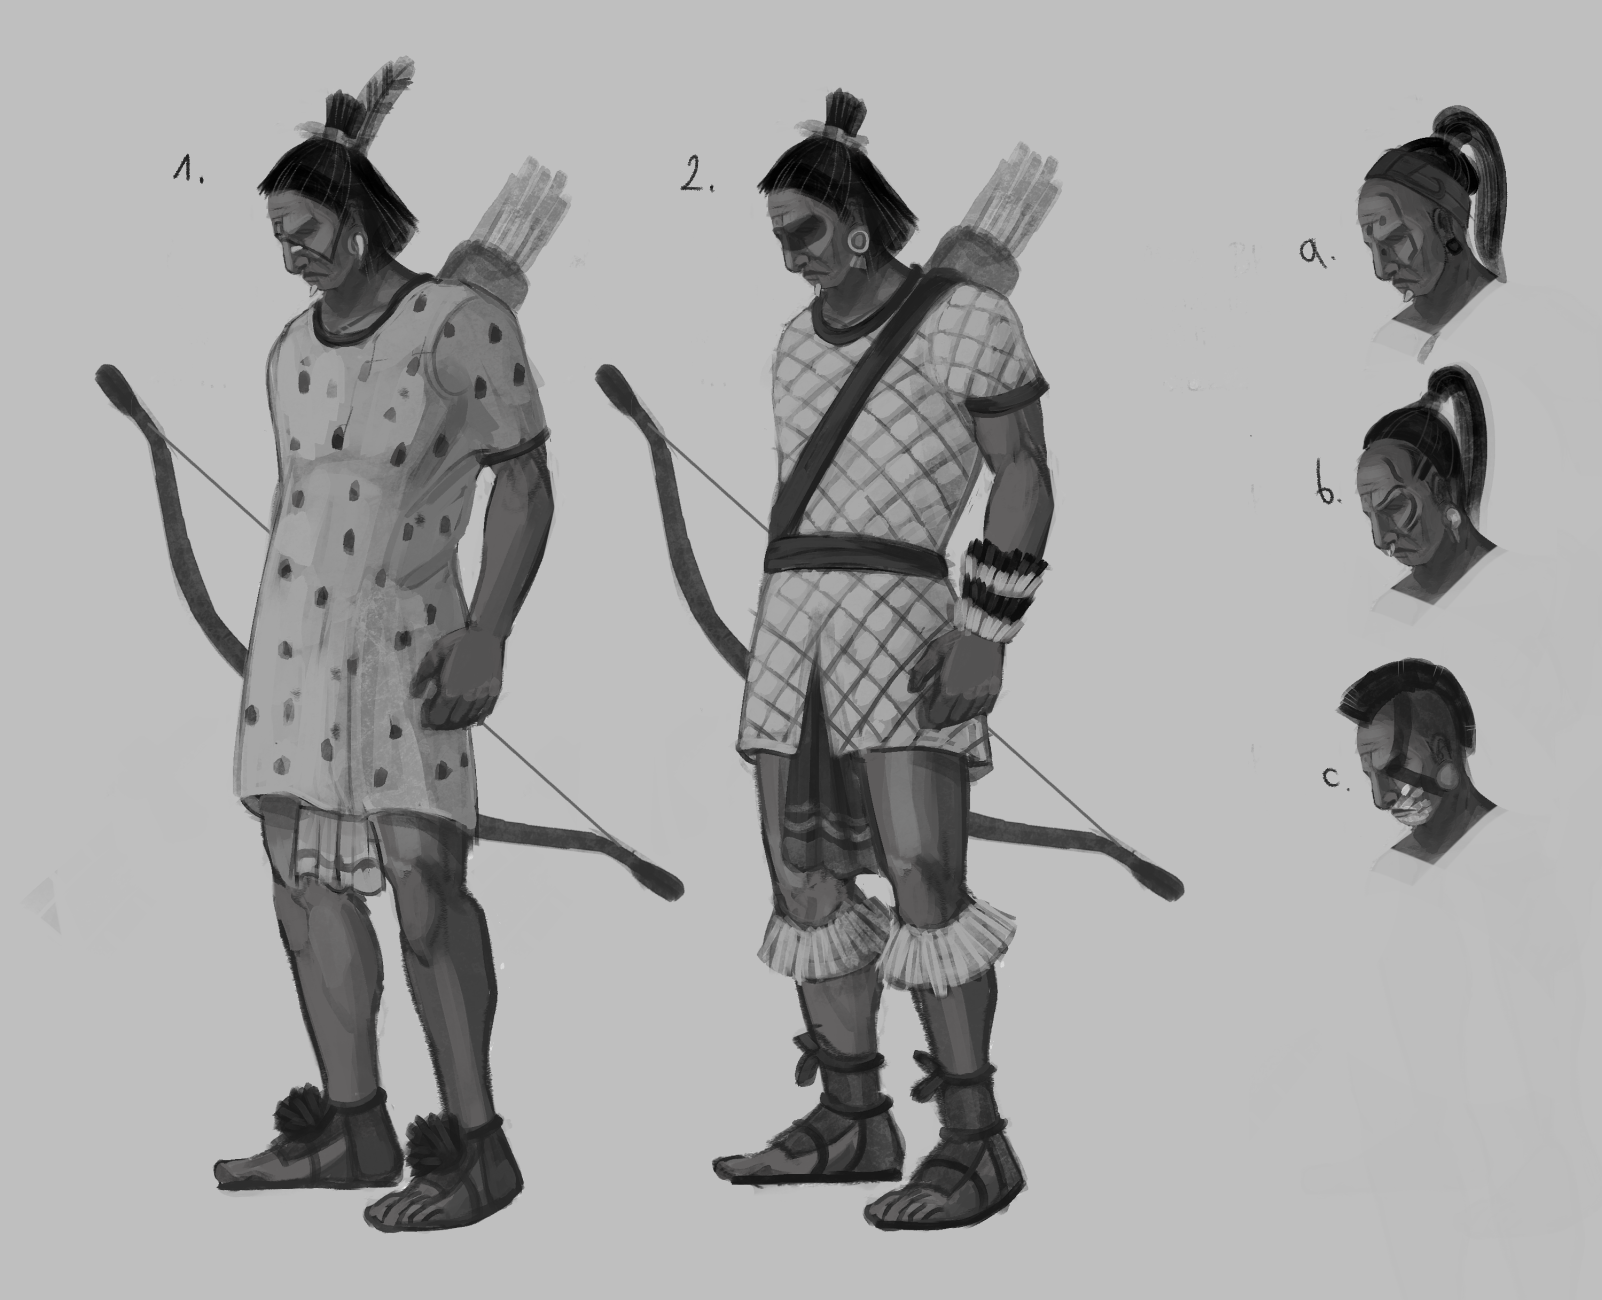 Aztecs' archer concept